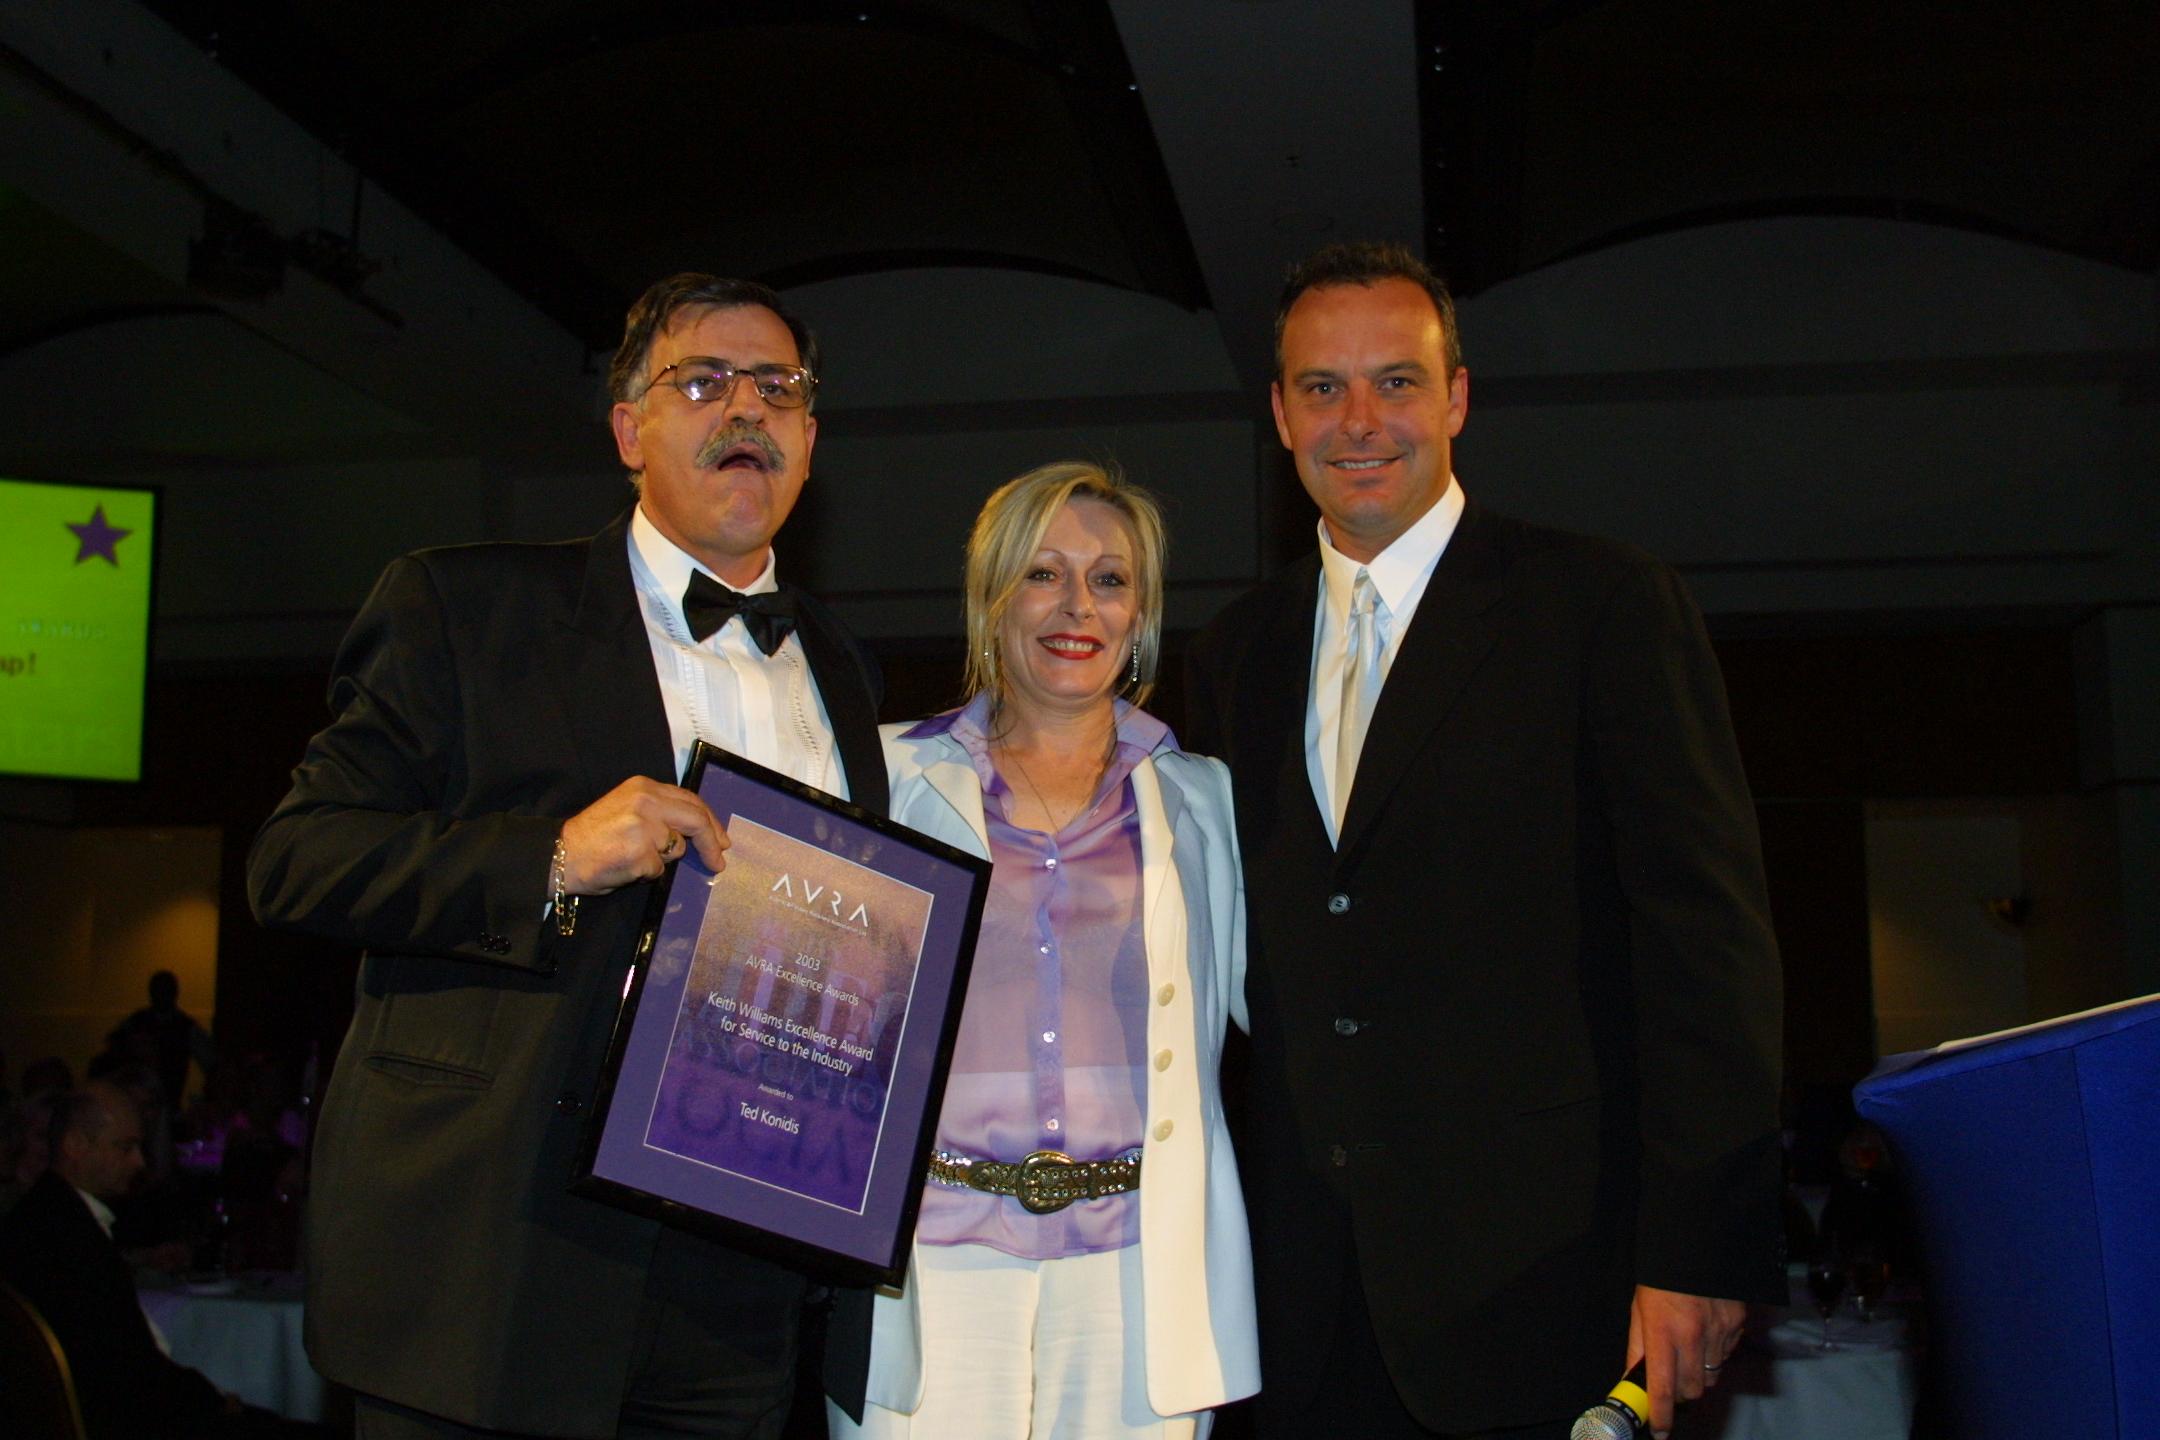 Keran, Todd and Andrew Daddo at AVRA Awards